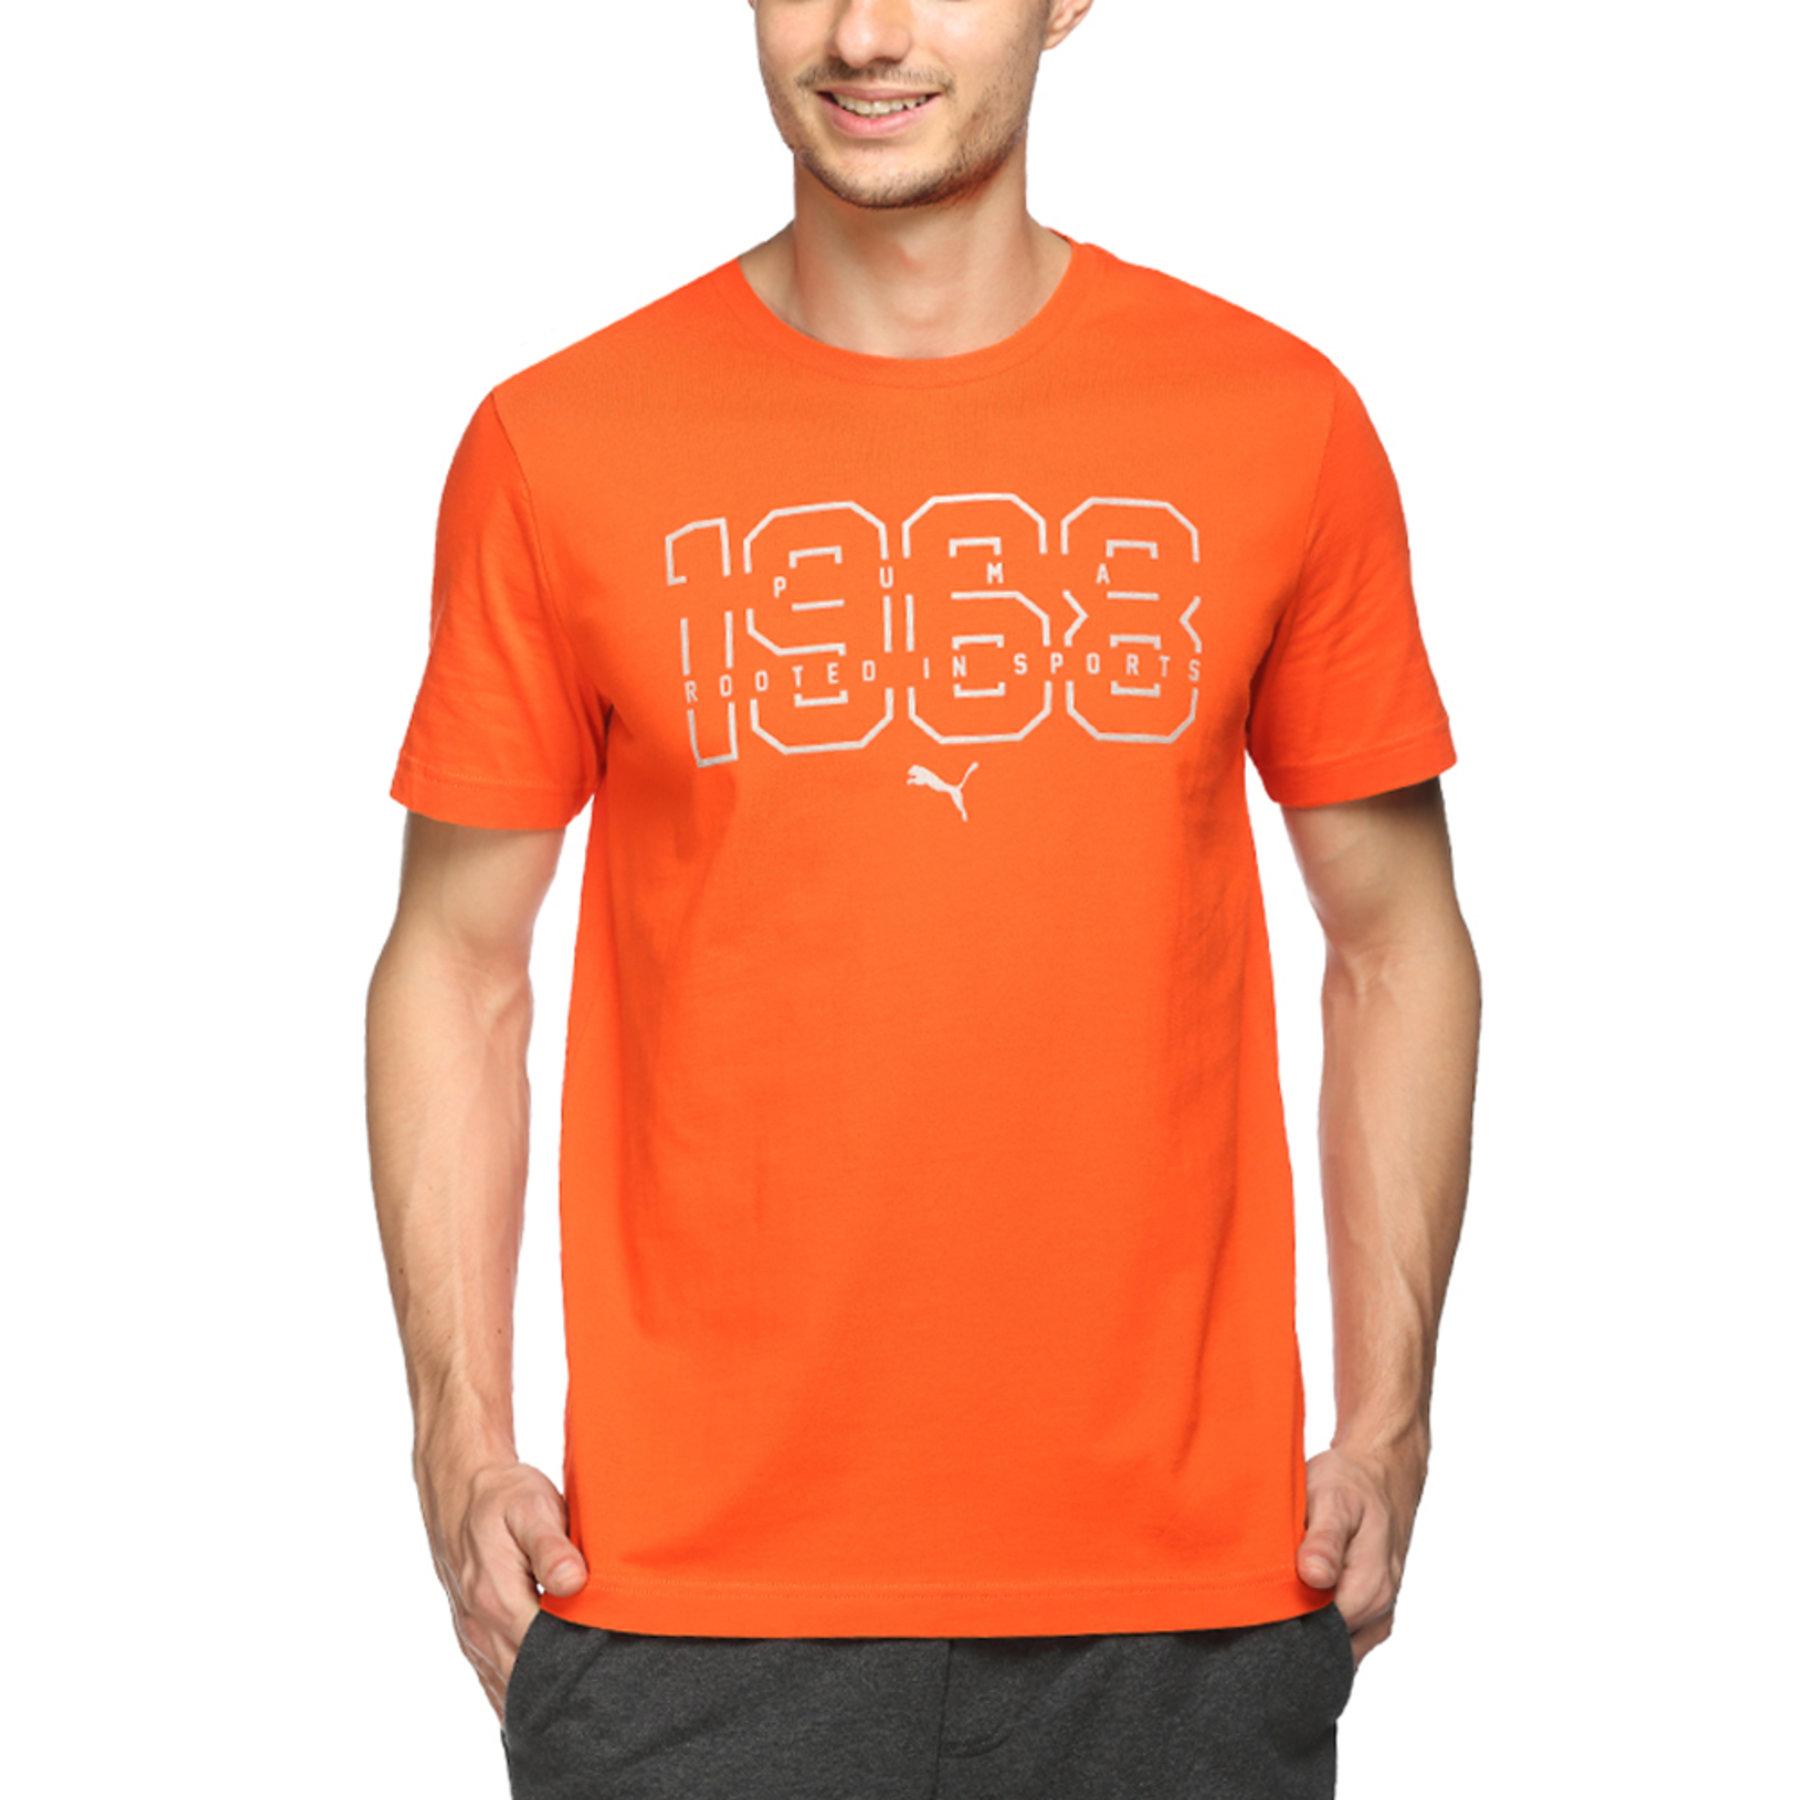 Blaze 68 Tee Orange.com